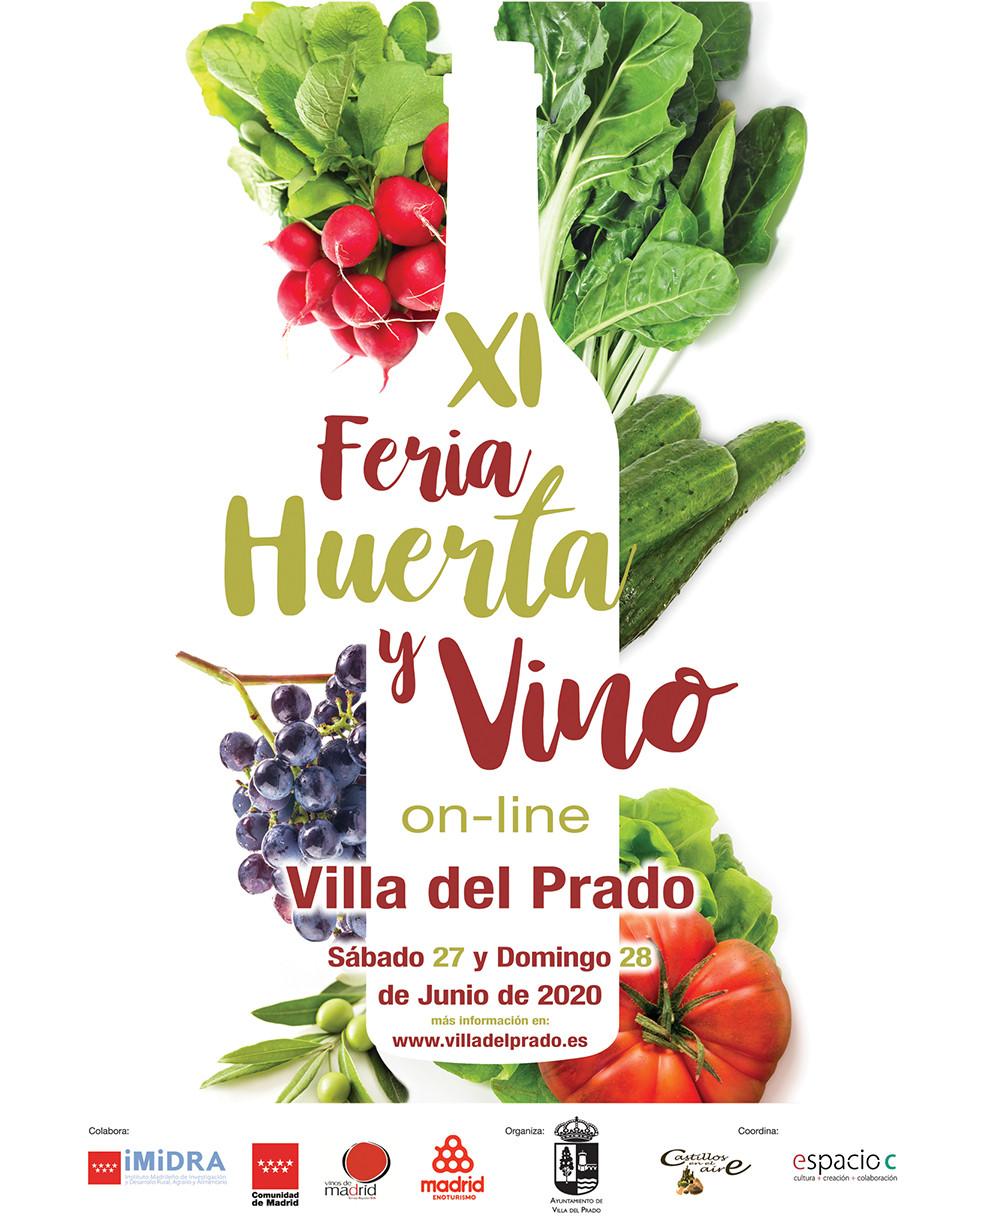 #FeriaHuertayVino #VilladePrado